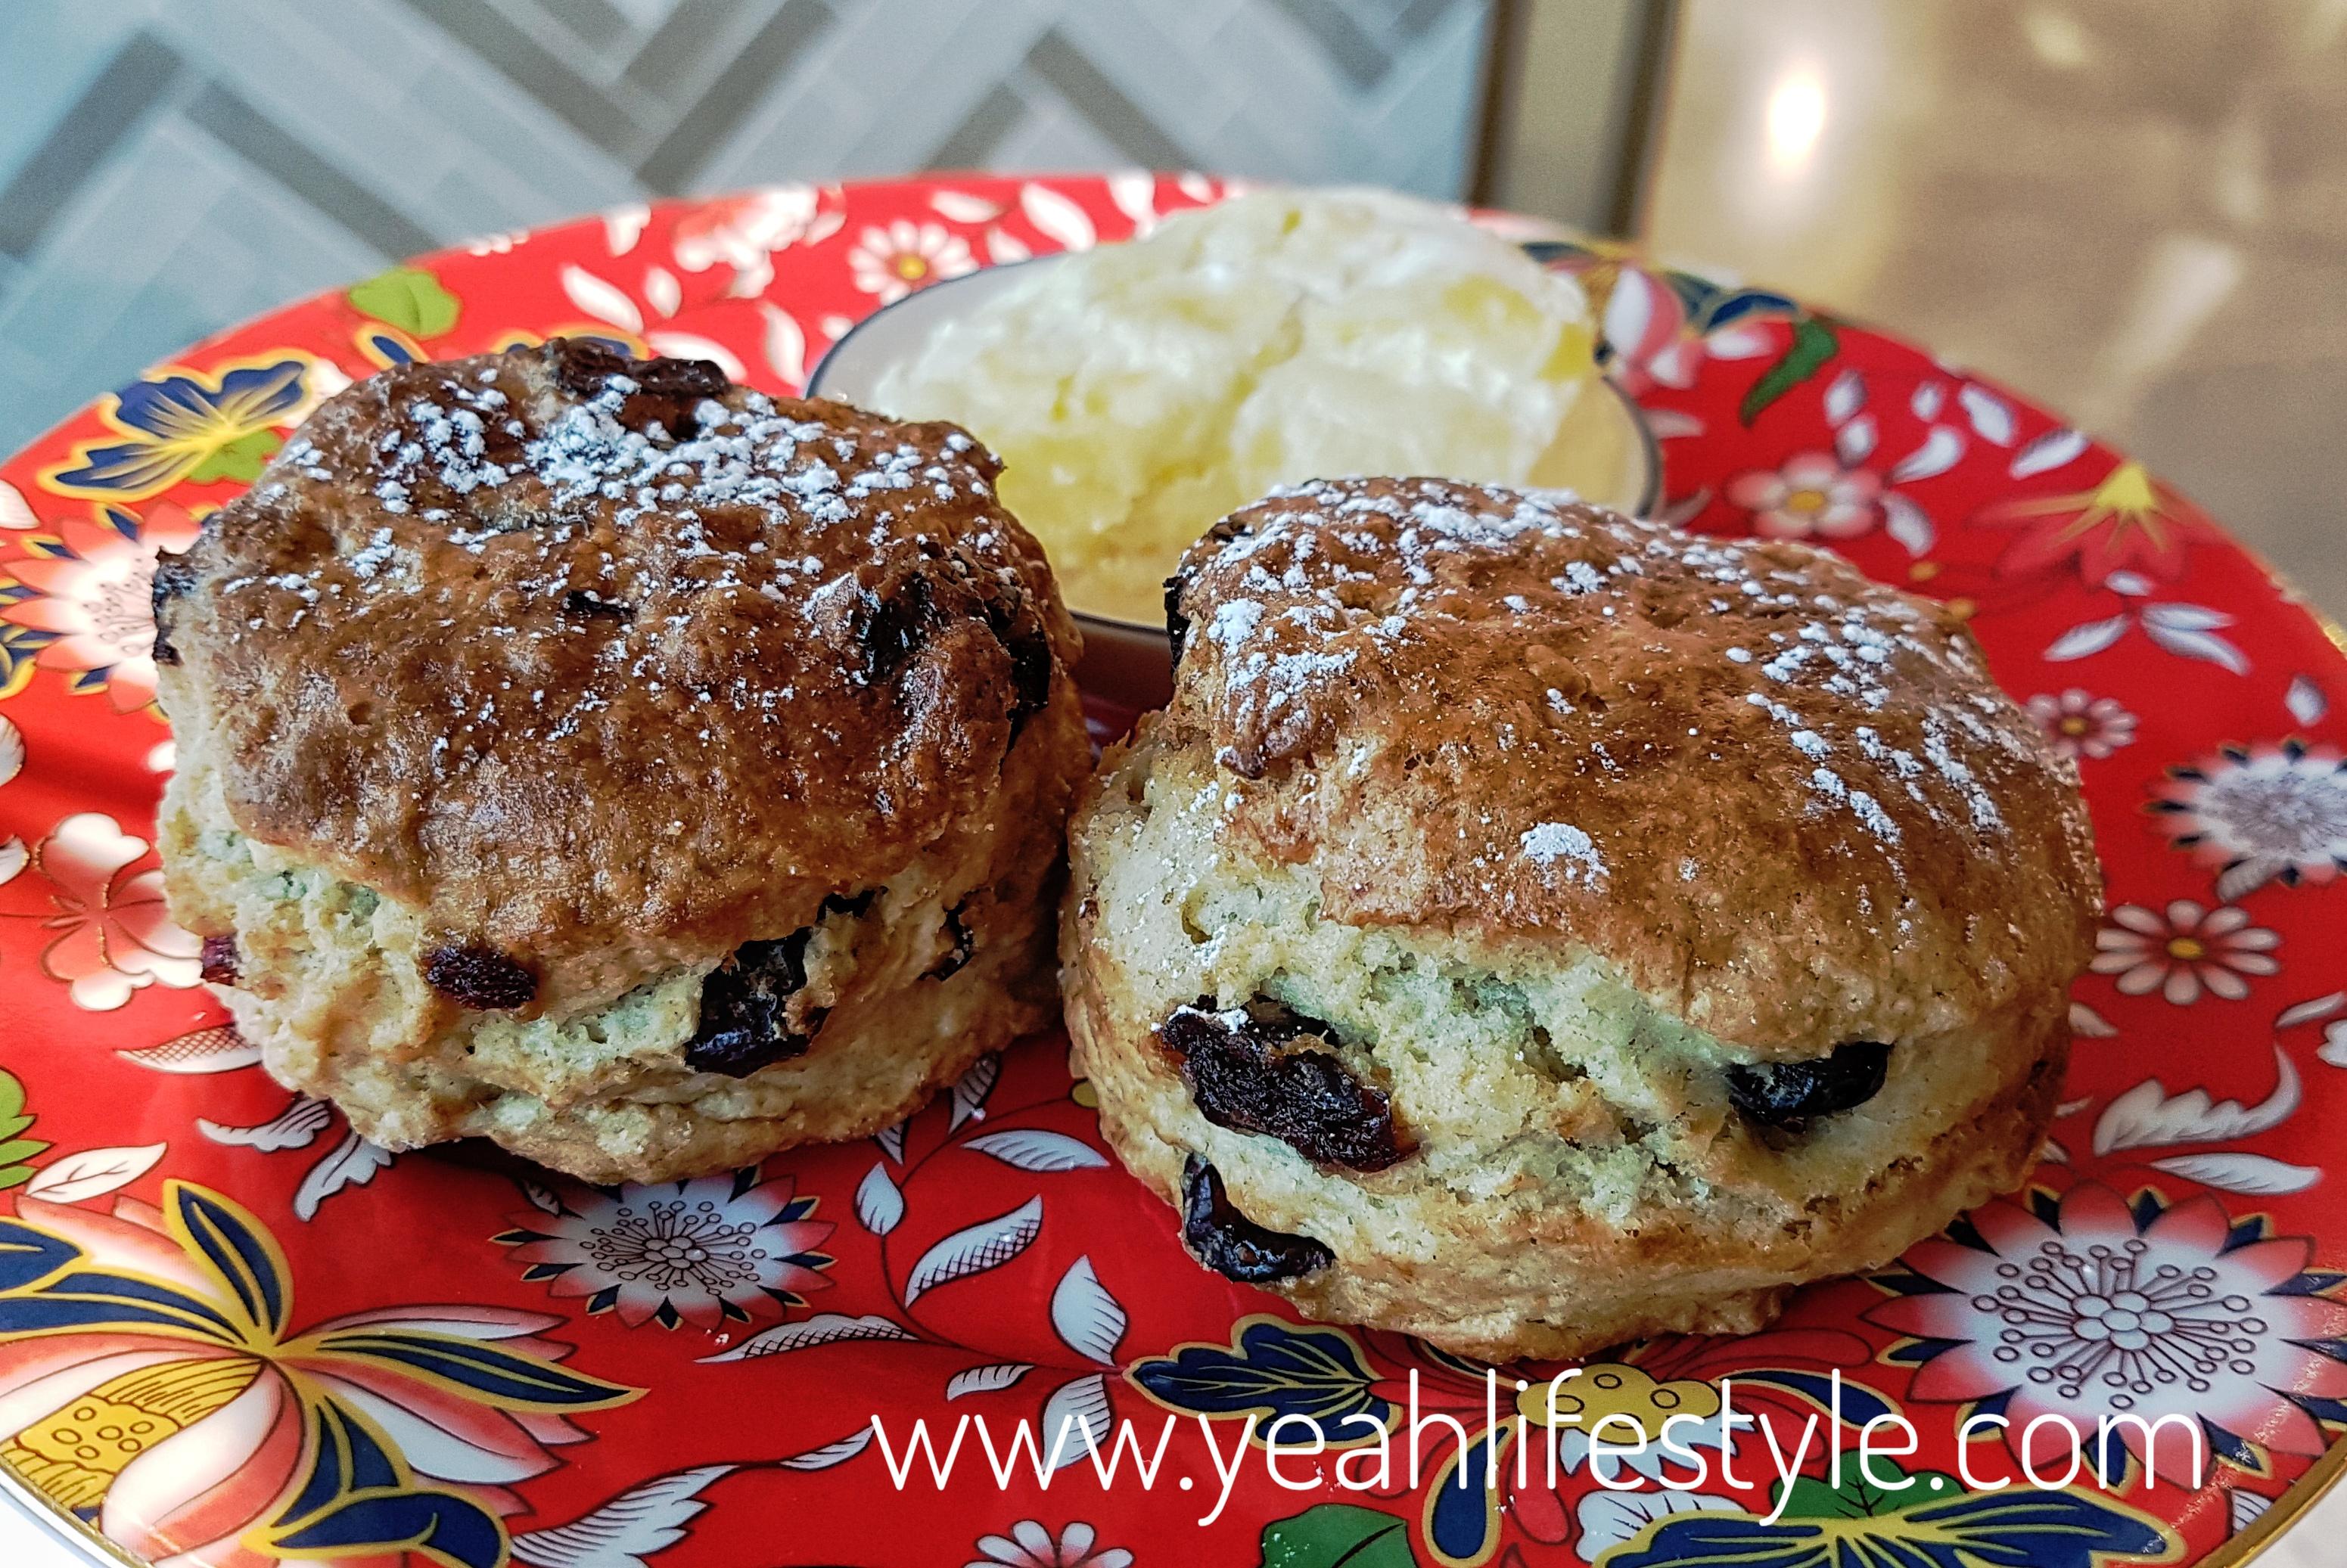 Afternoon-Tea-Wedgwood-Bone-China-Food-Blogger-Yeah-Lifestyle-UK